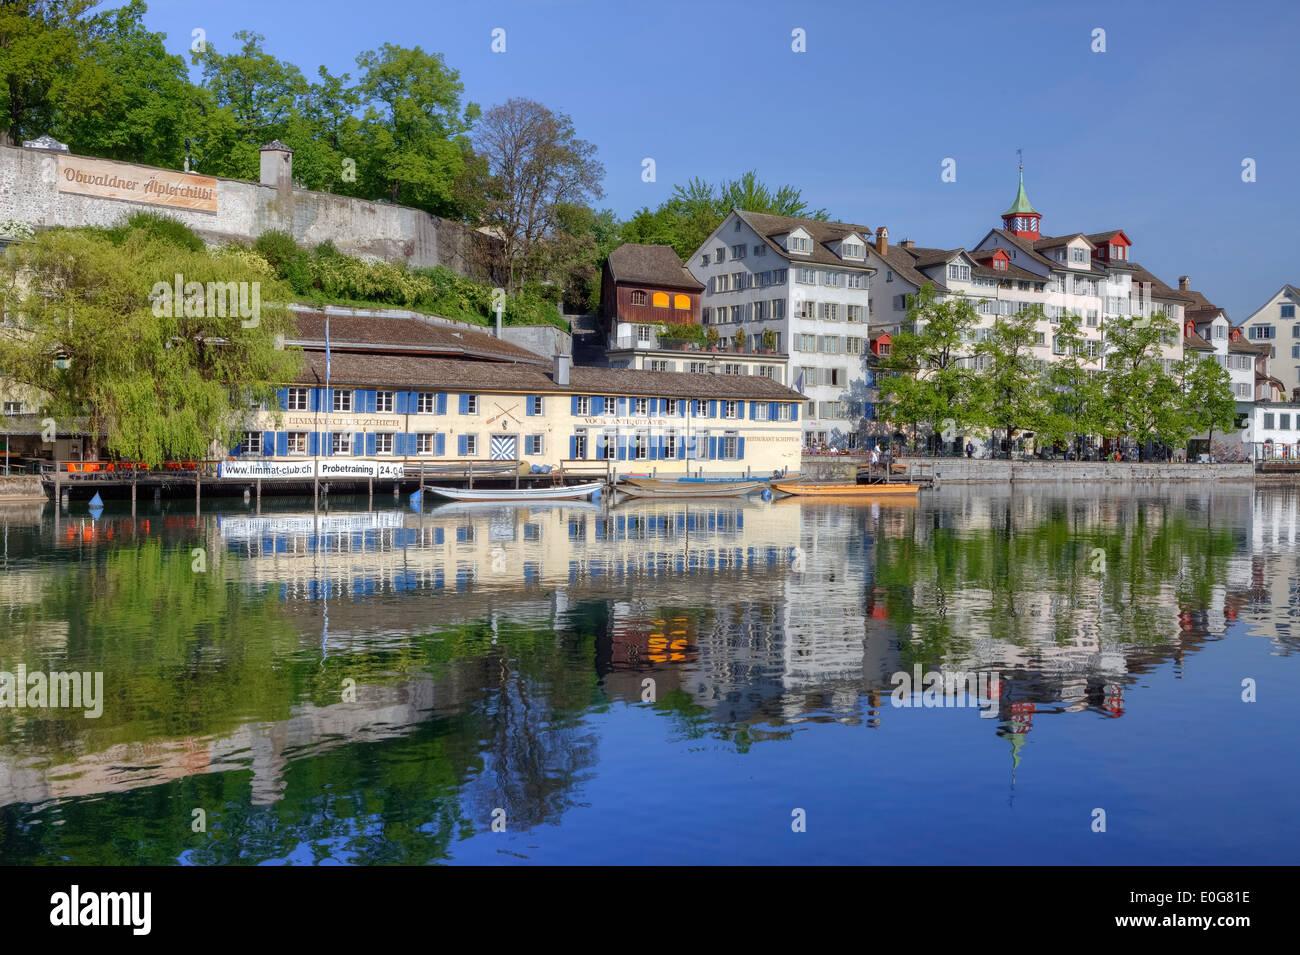 Zurich, Schipfe, old town, Limmat, Switzerland - Stock Image